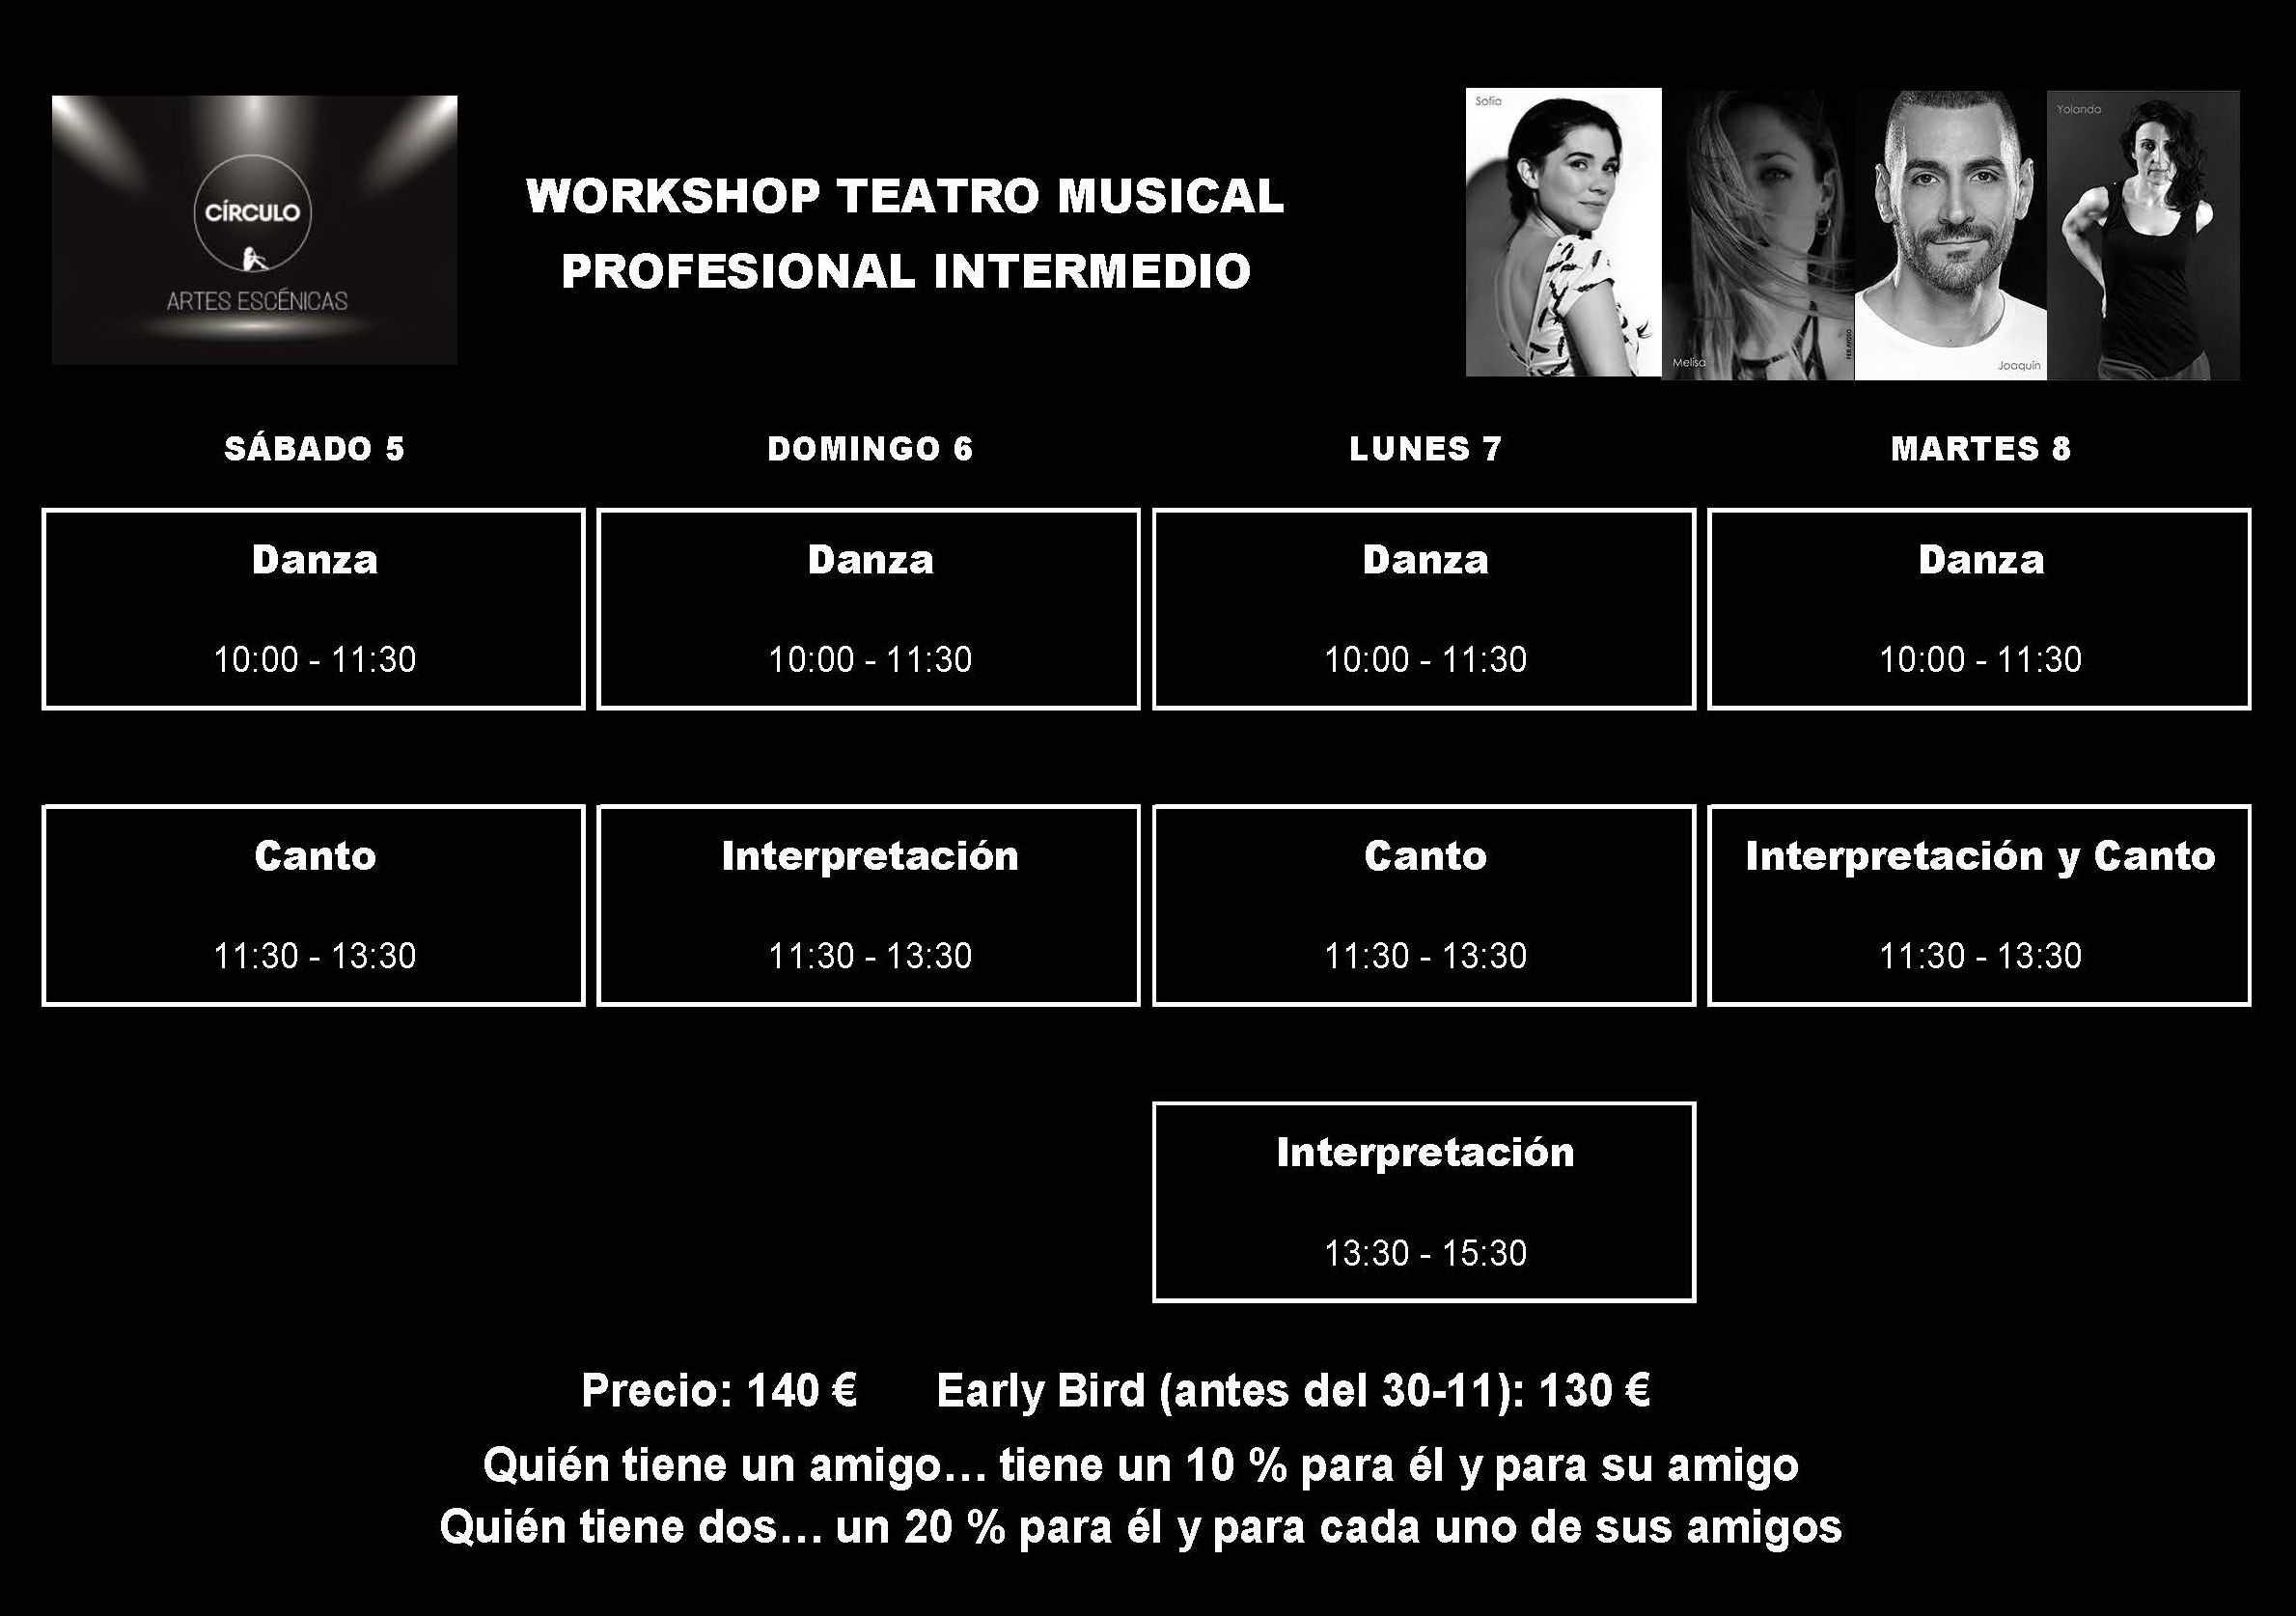 Círculo de Baile. Artes escénicas. Workshop Intermedio el puente de la Constitución. Horario